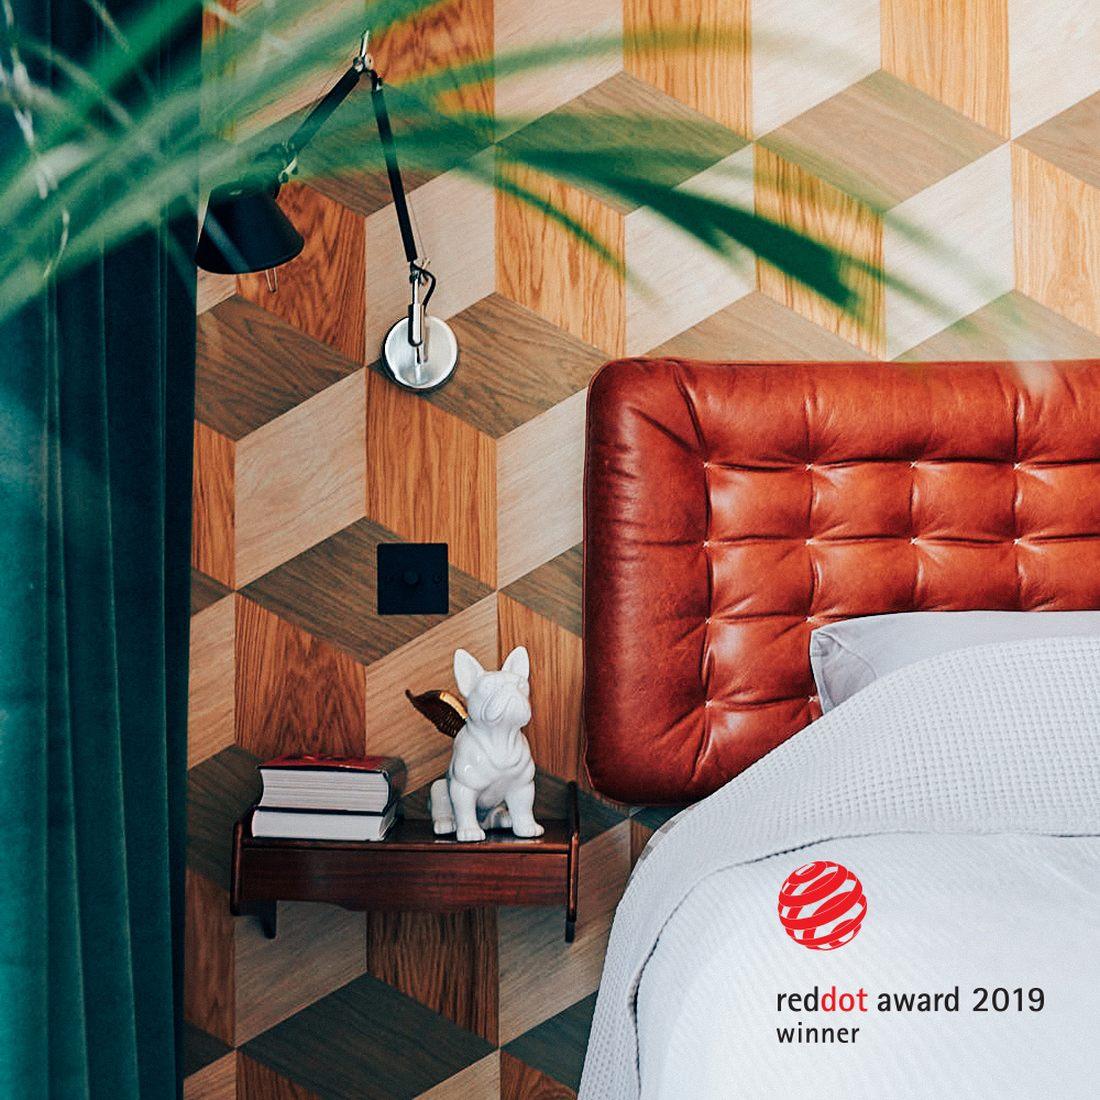 Pilt2-Eestis loodud naturaalsest puidust iseliimuv seinakattematerjal Groveneer võitis disainiauhinna Red Dot 2019